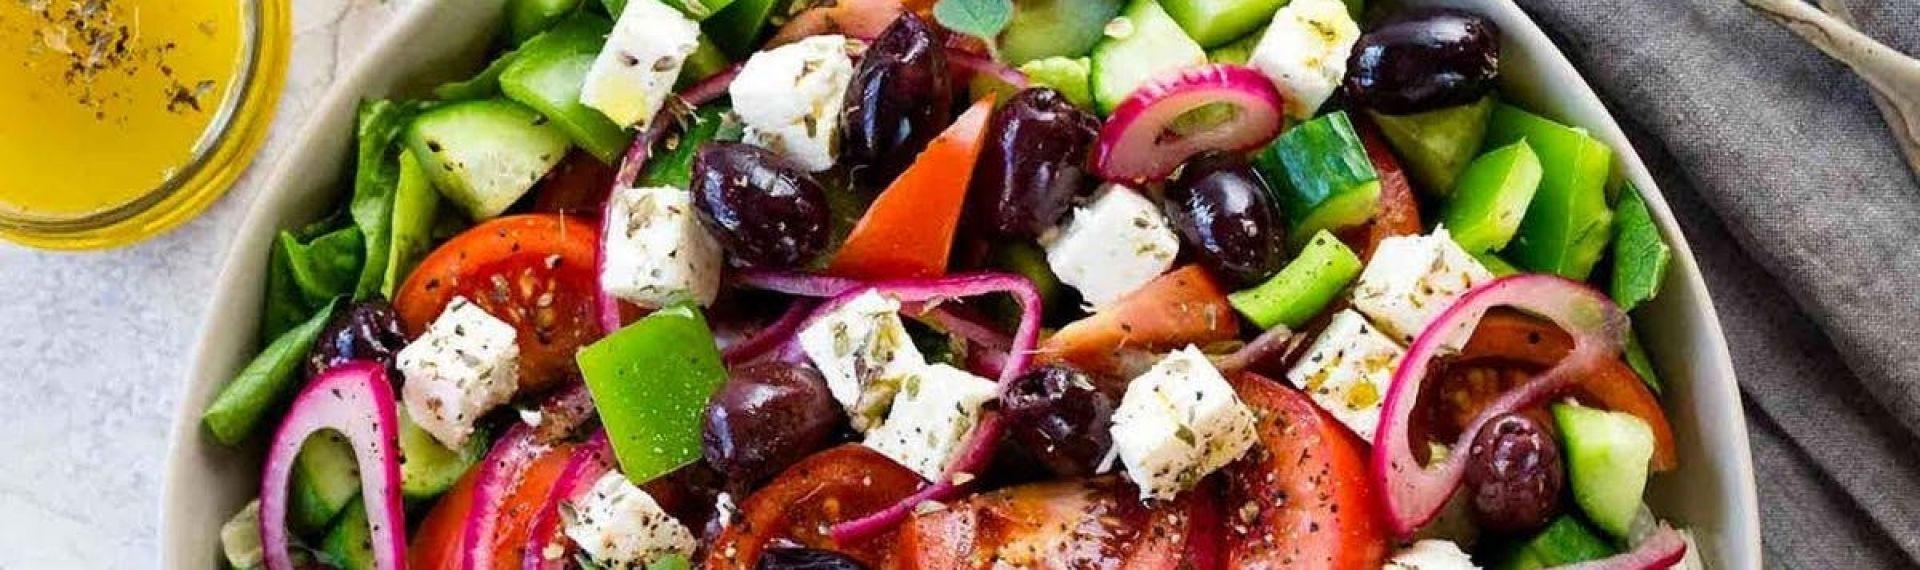 Грецький салат - це джерело вітамінів, мінералів і мікроелементів